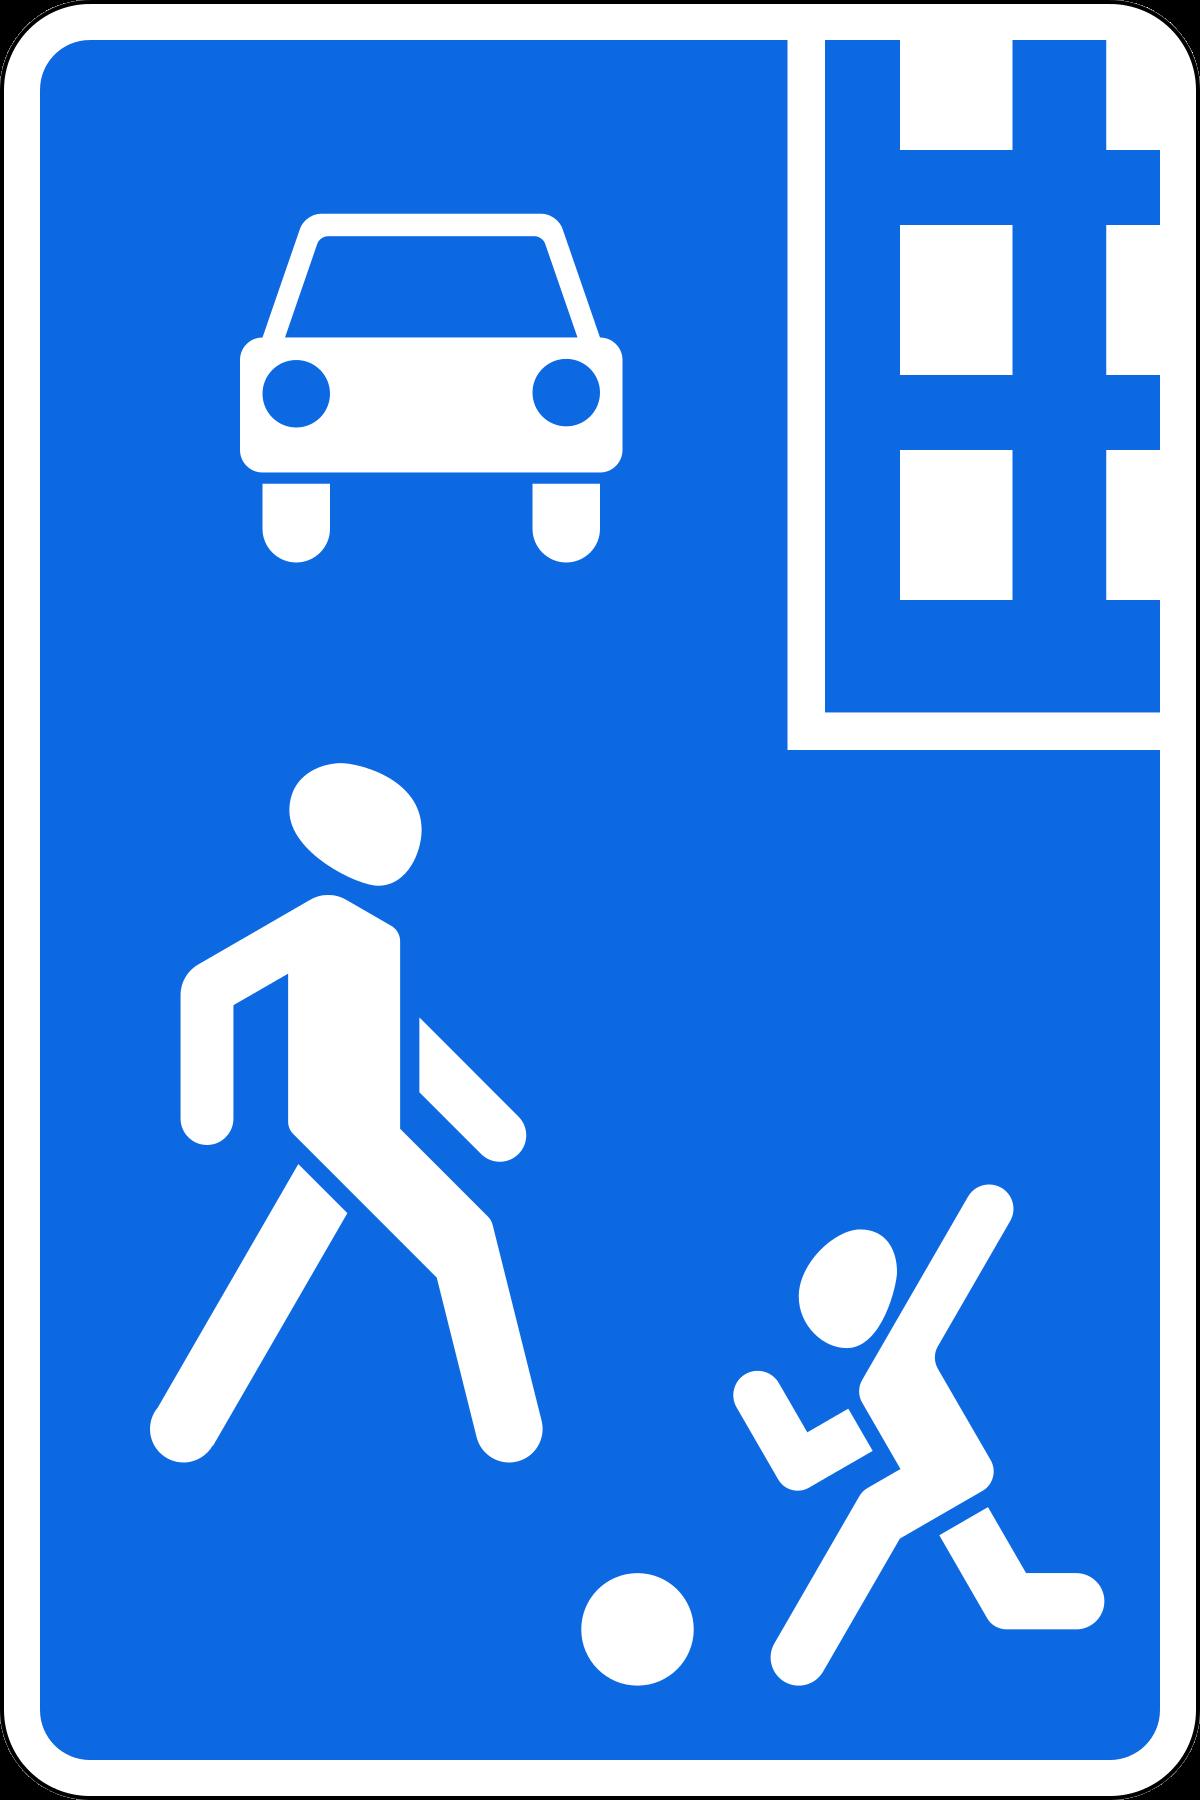 znak-zhilaya-zona